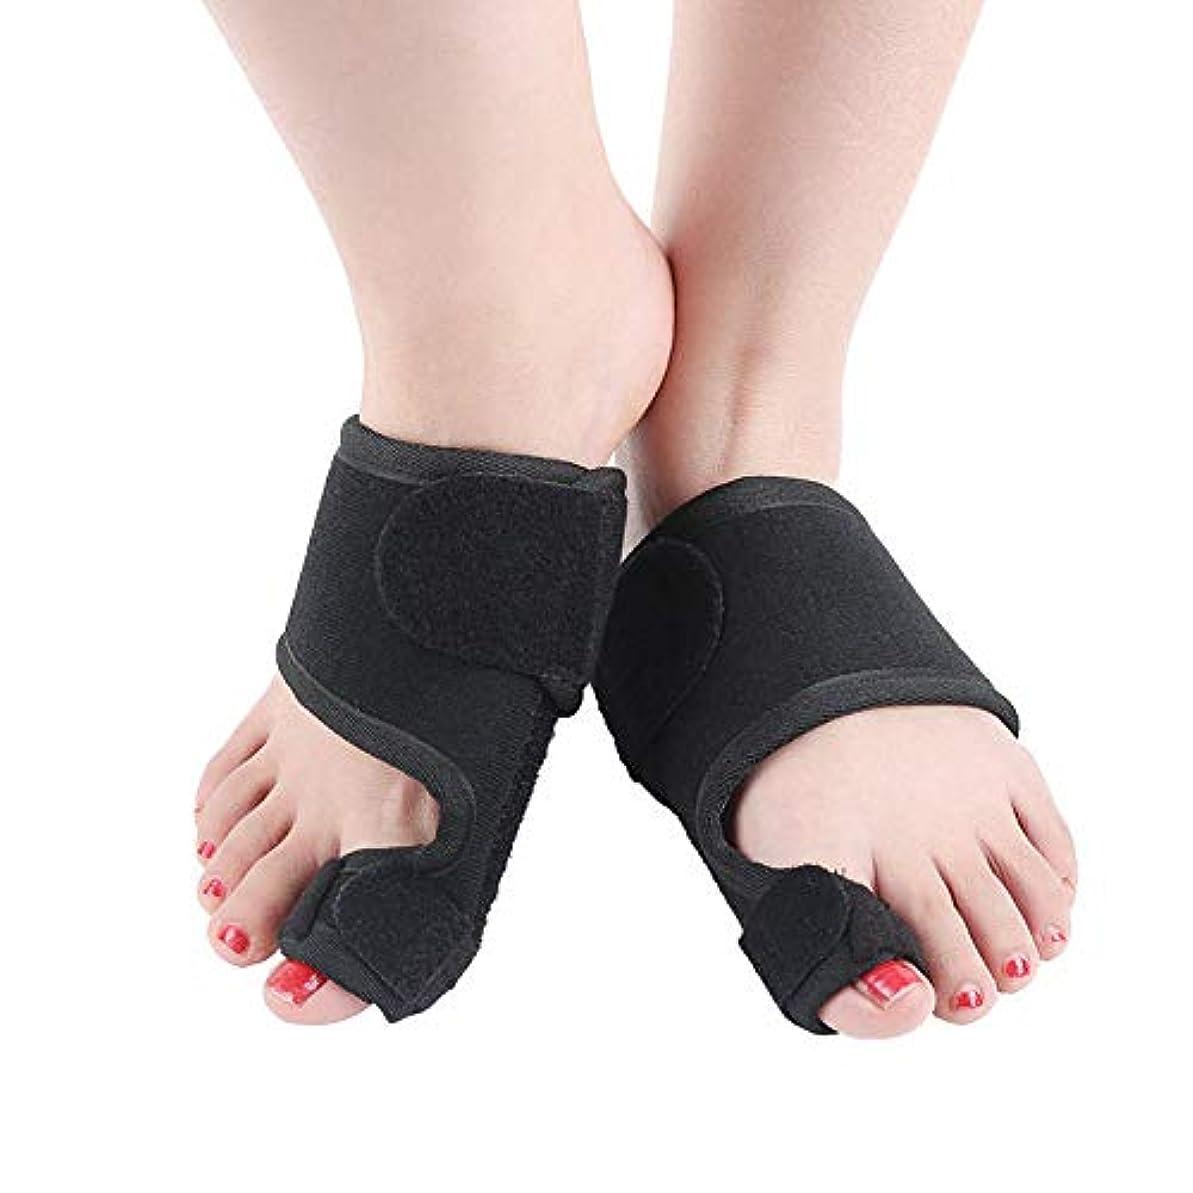 剪断ディスカウントブルジョン男女兼用の外反母趾矯正 - 足の痛みの軽減、親指嚢胞の矯正(2pcs)